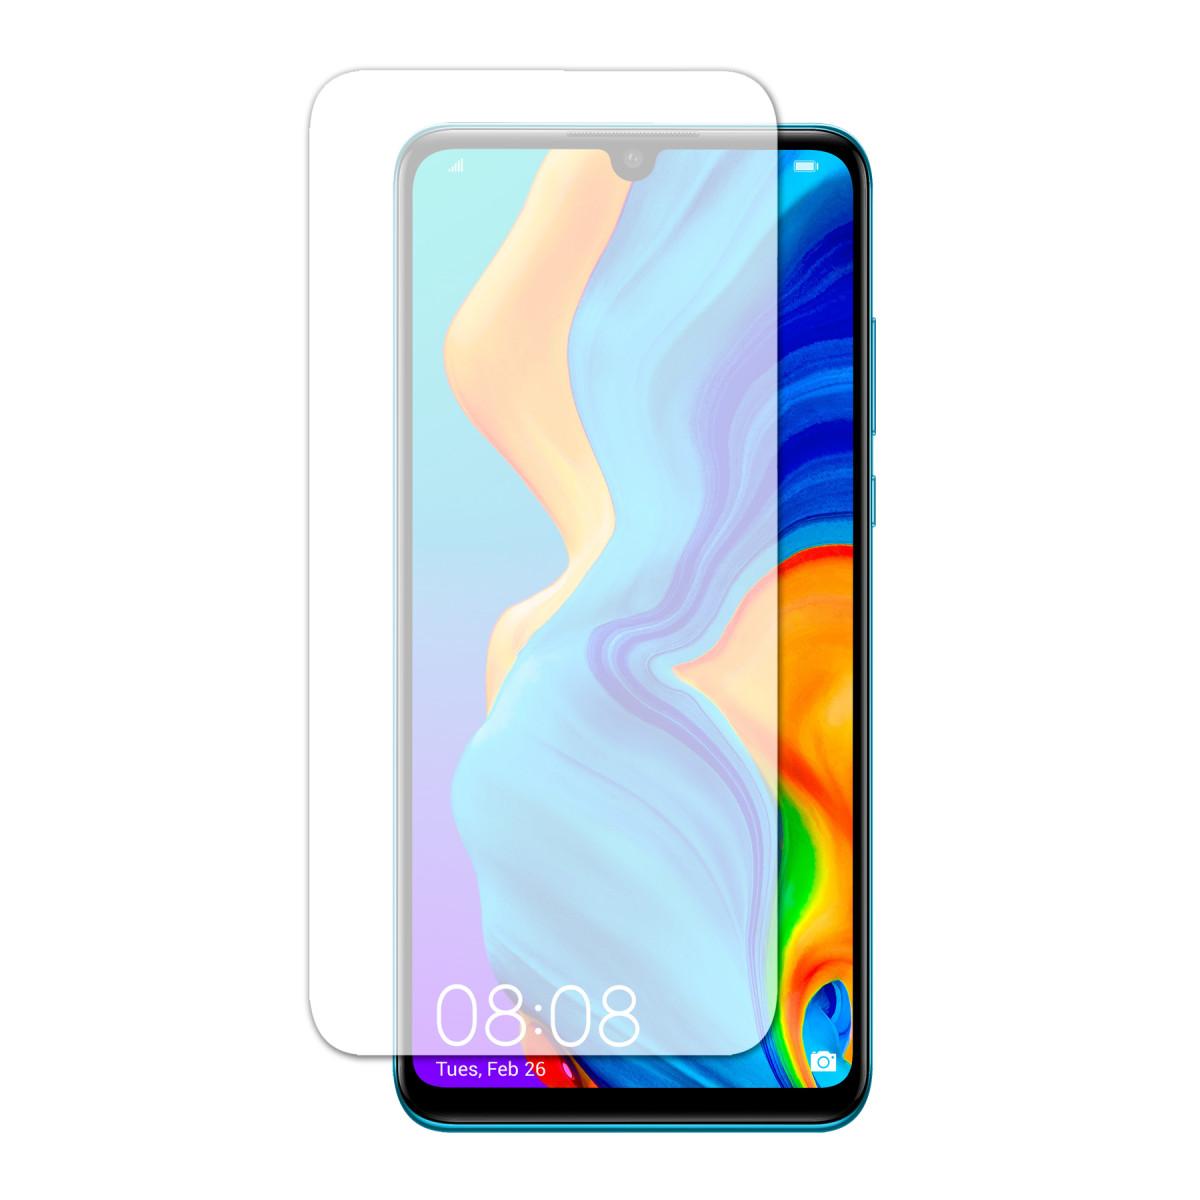 Гідрогелева захисна плівка для смартфонів Huawei (Mate 8/Y9/P10/P20/P Smart/Nova 3 та інші)